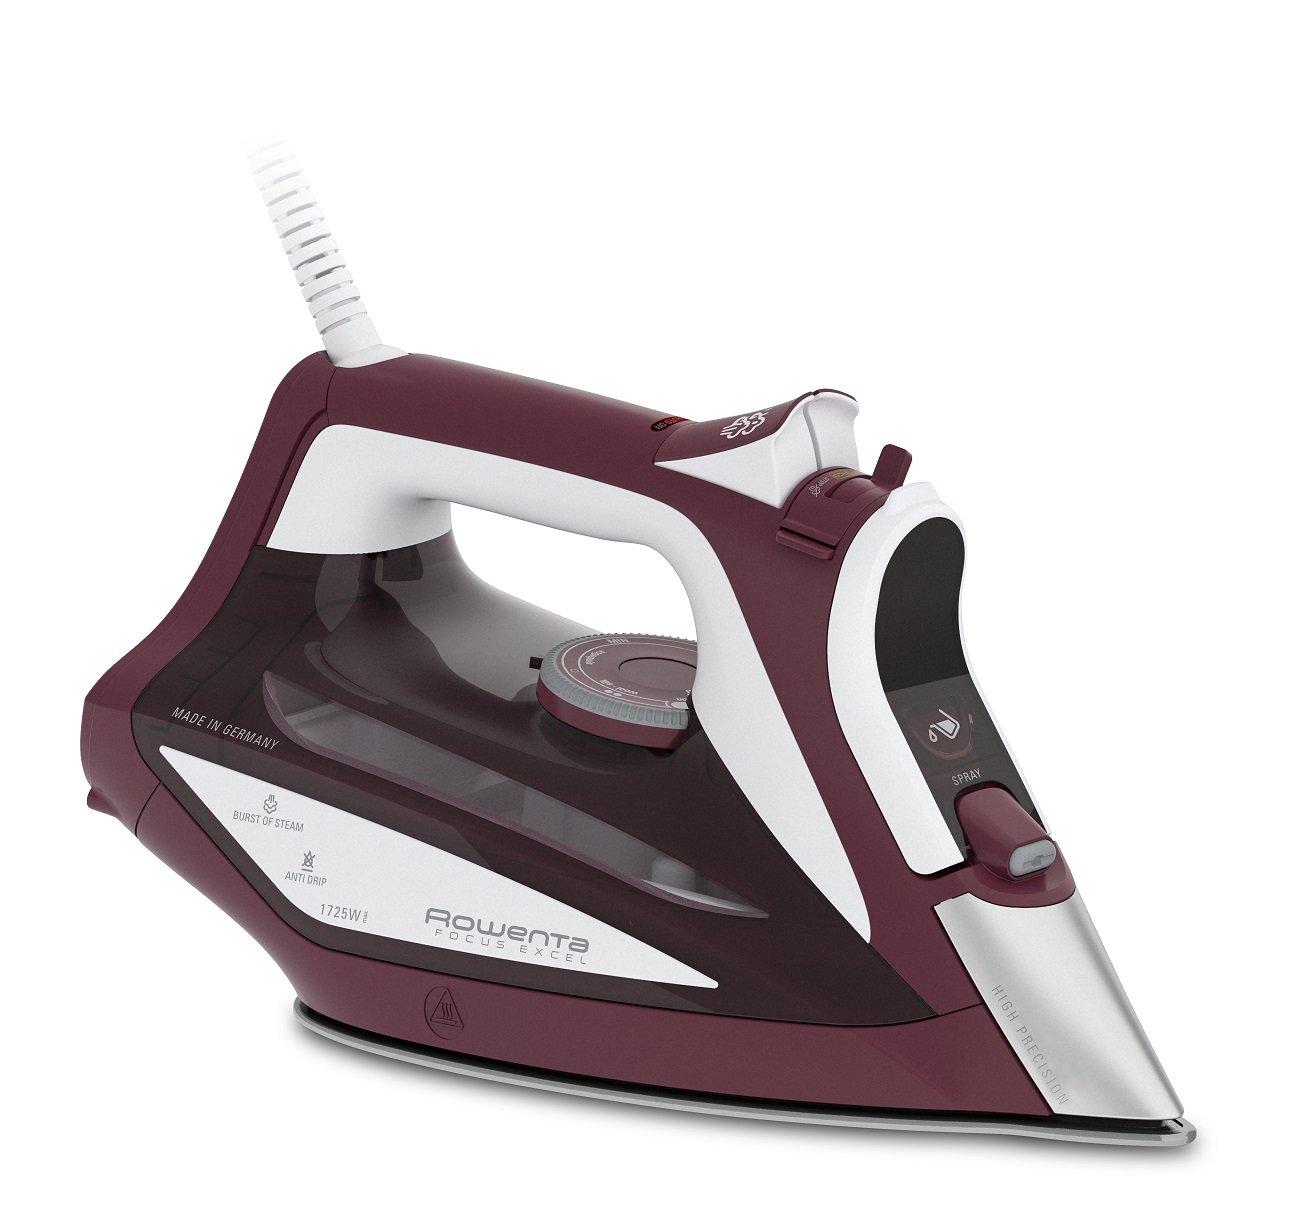 Rowenta DW5270U1 Focus Excel Iron Groupe SEB